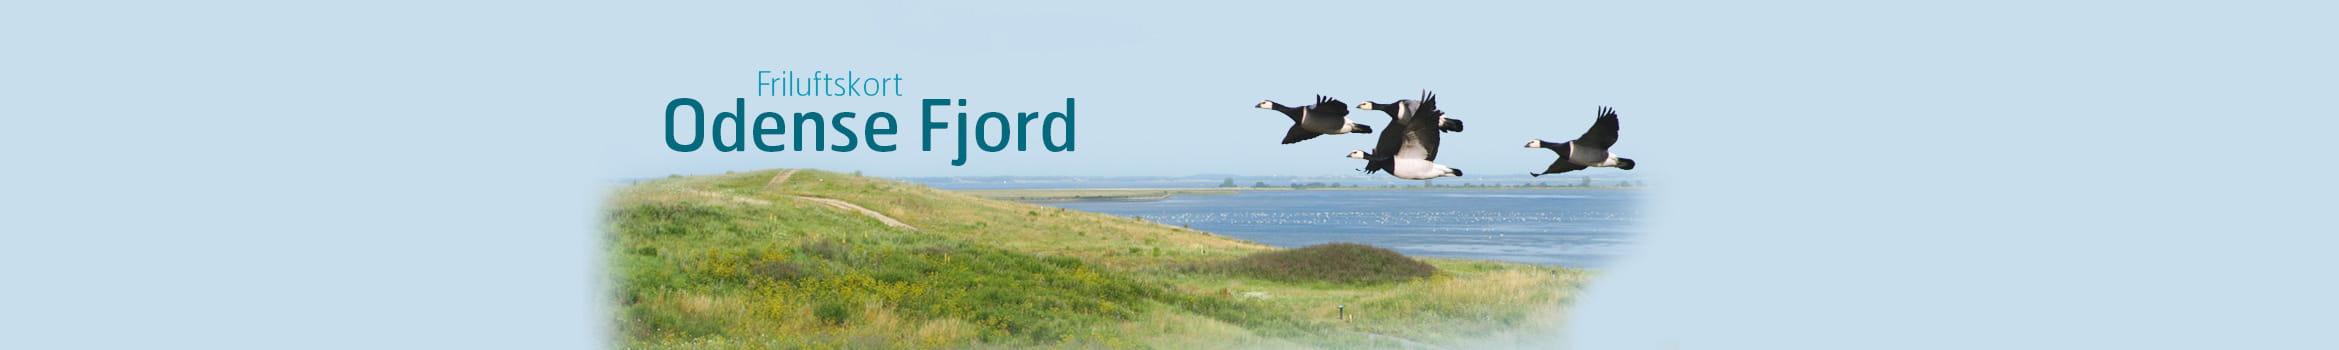 OdenseFjord banner